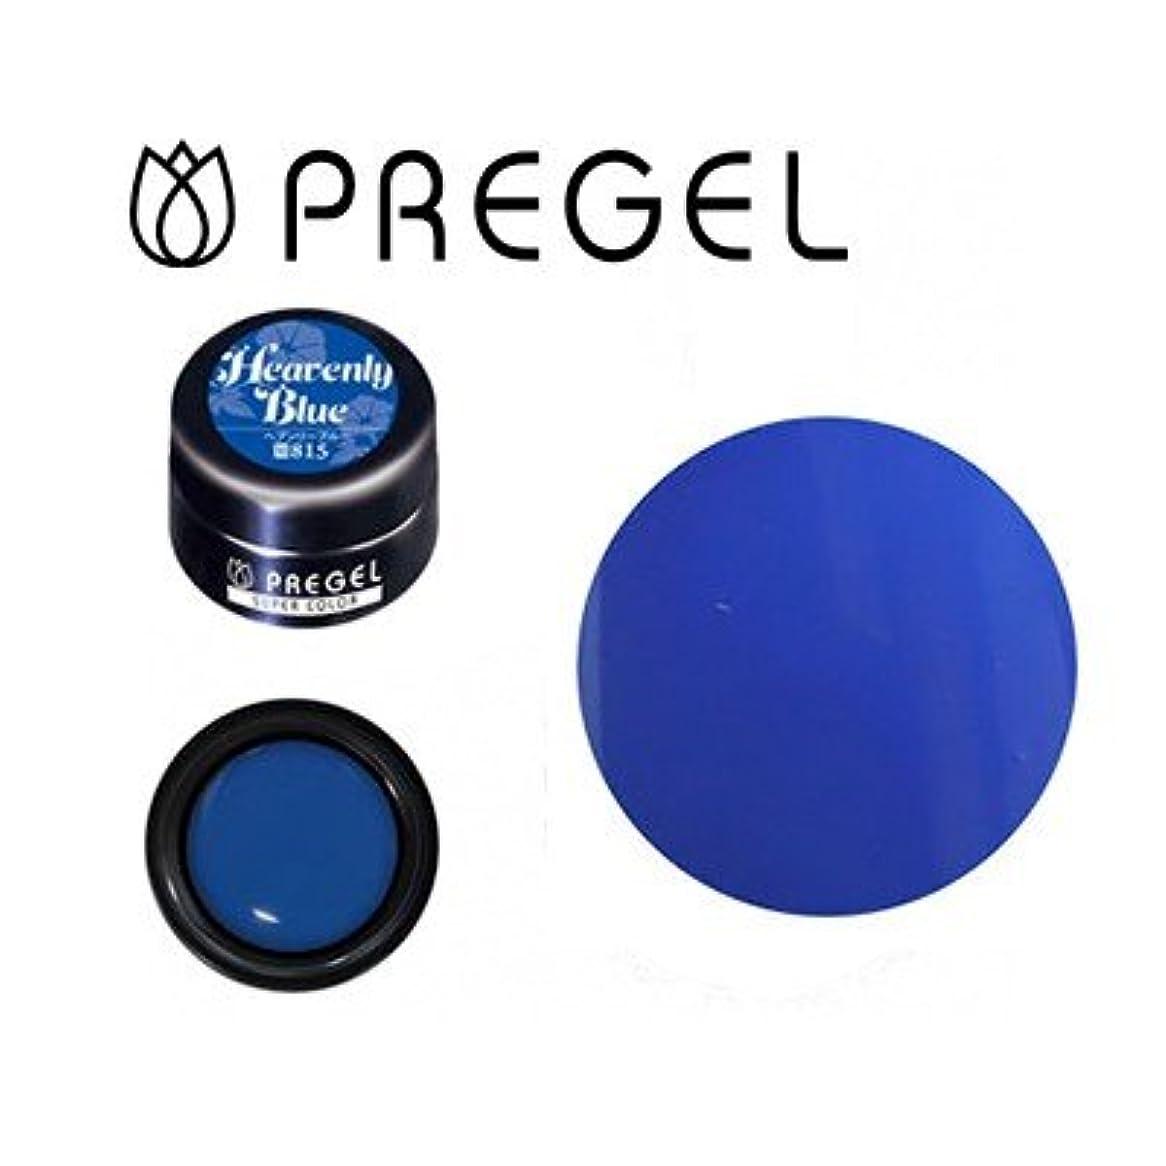 メンタルブラウス円周ジェルネイル カラージェル プリジェル PREGEL スーパーカラーEX PG-SE815 ヘブンリーブルー 4g